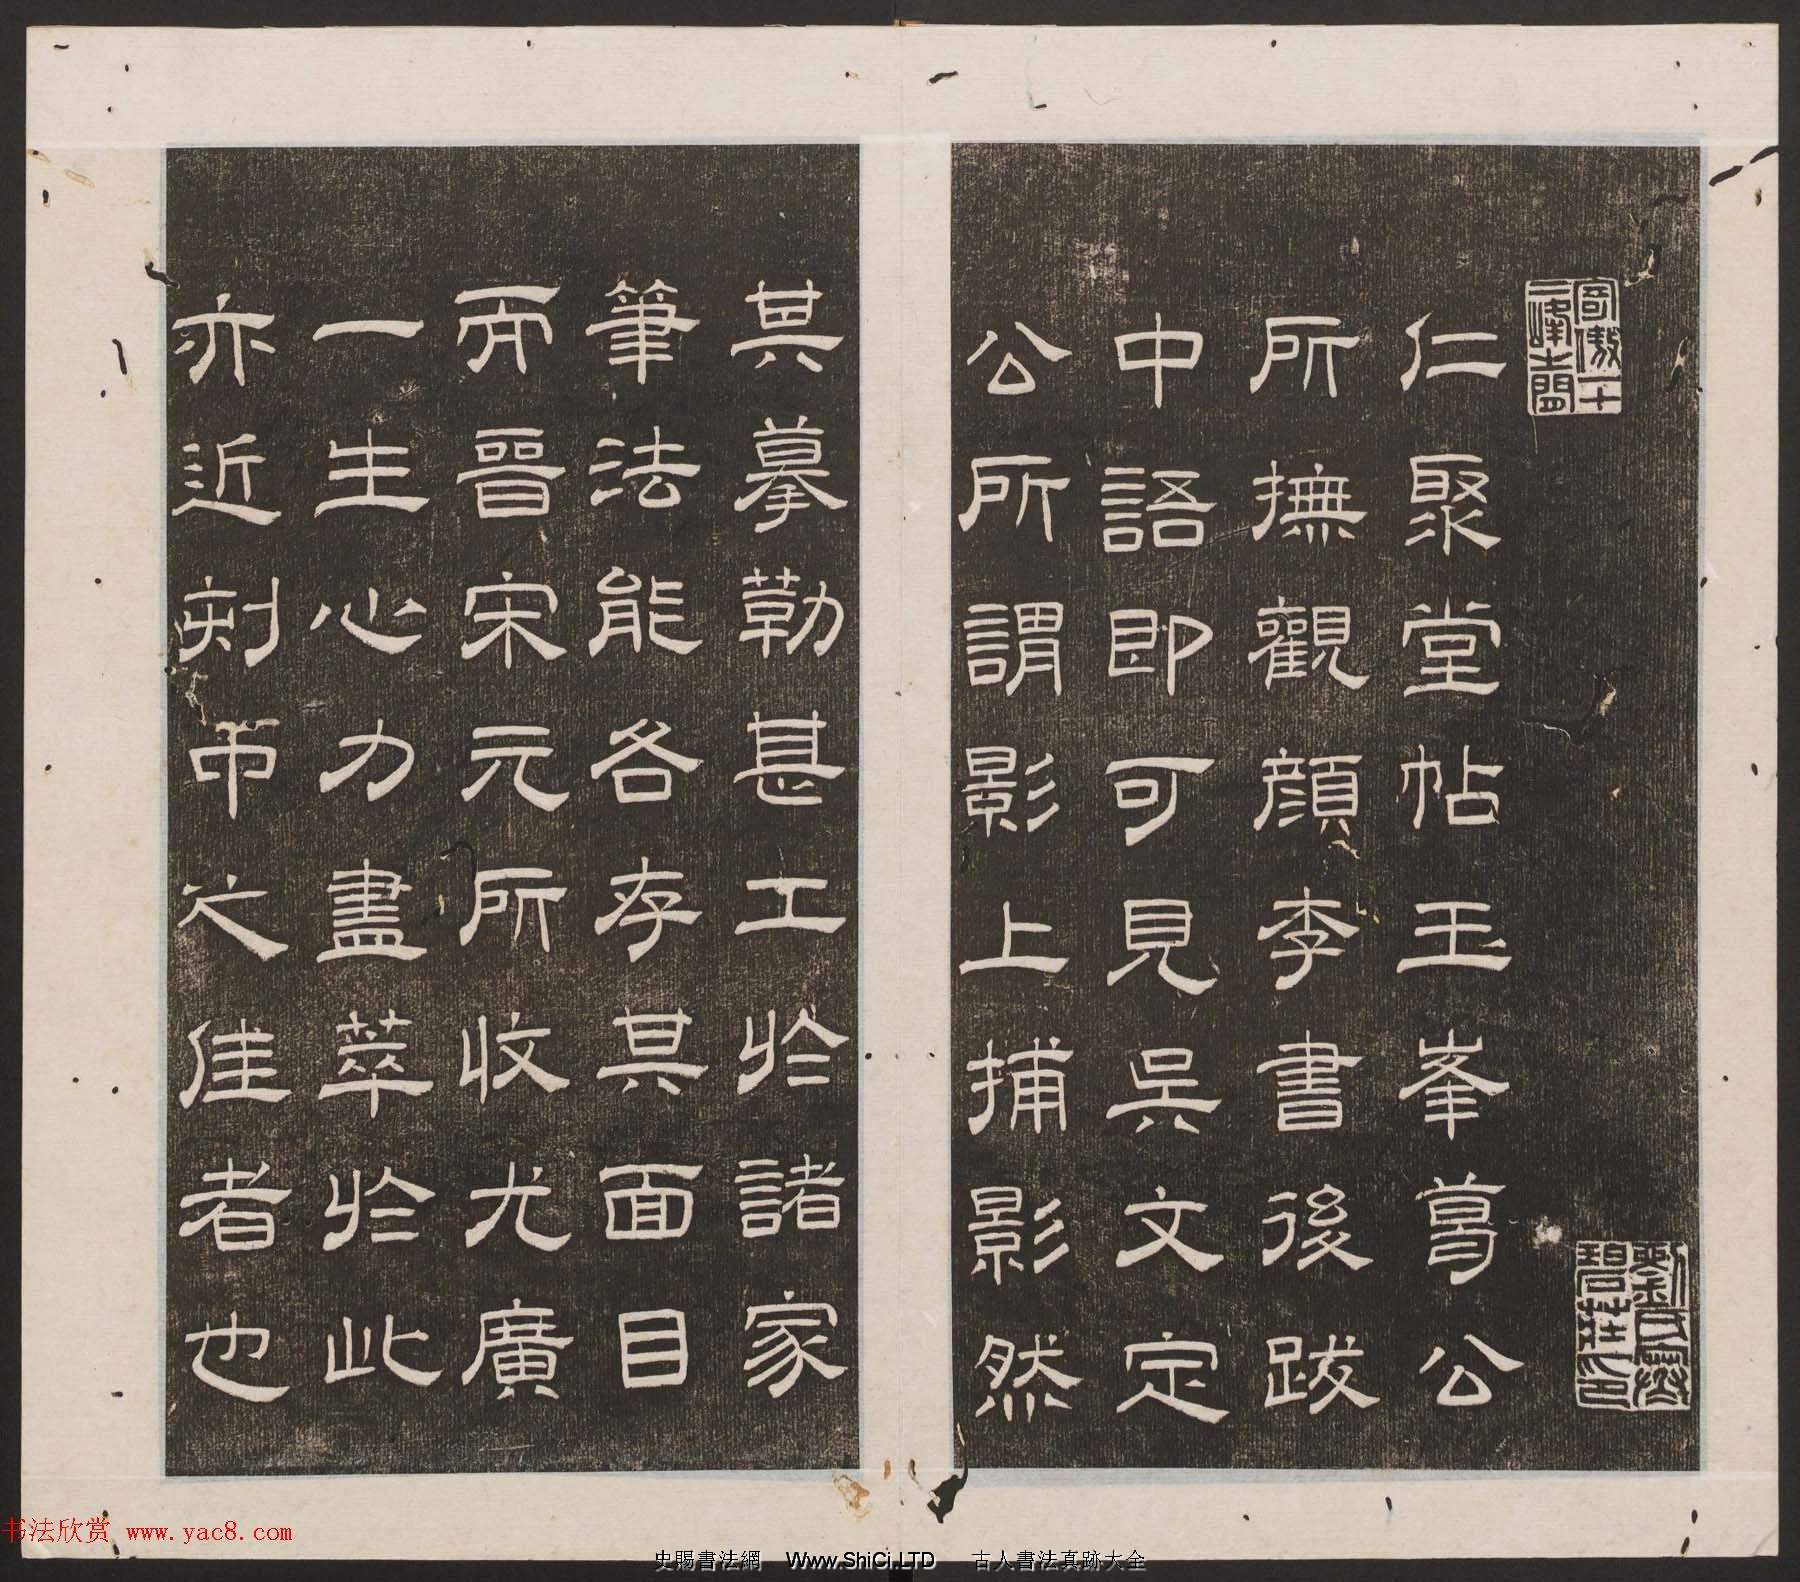 劉園集帖第12卷《仁聚堂法帖》仁